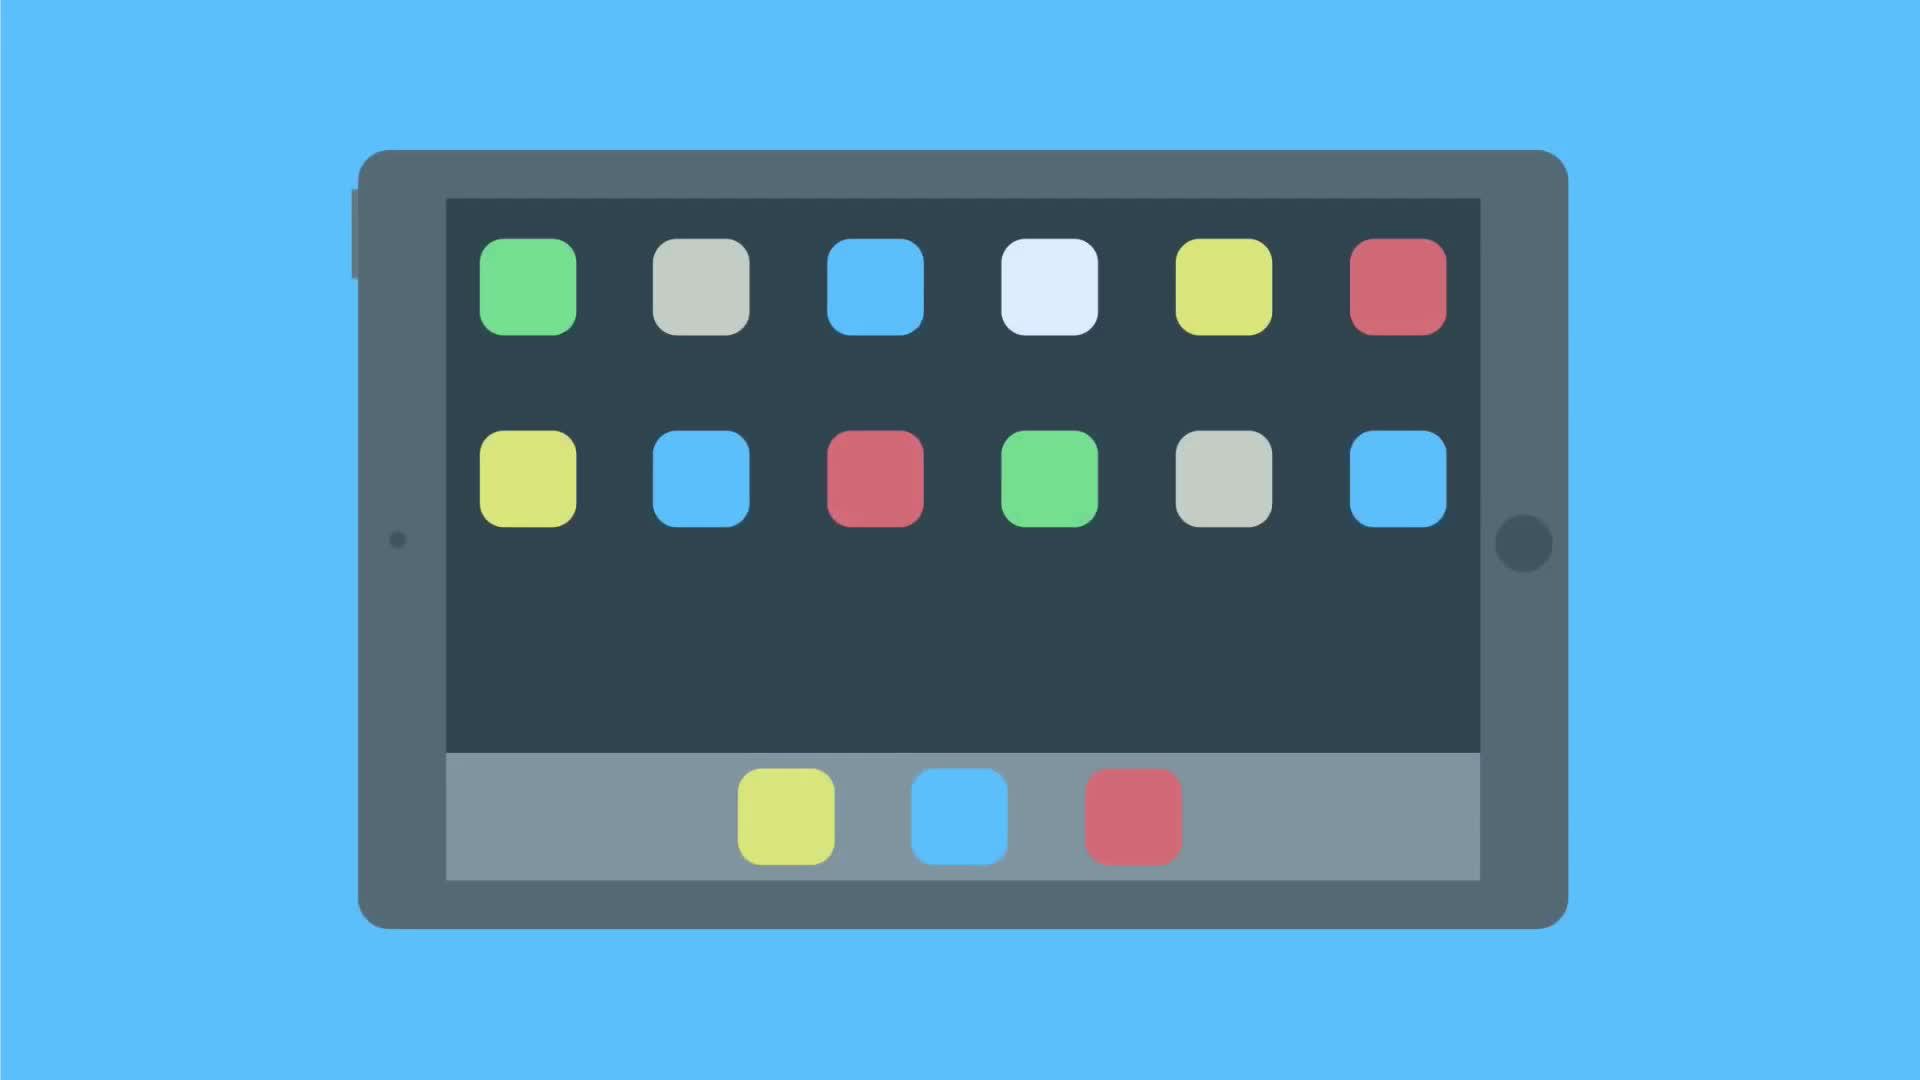 ios, ios 10, ios 7, ios7, johny ive, skeumorphism, skeuomorphism, windows, windows 8, windows8, Interesting Finger GIFs